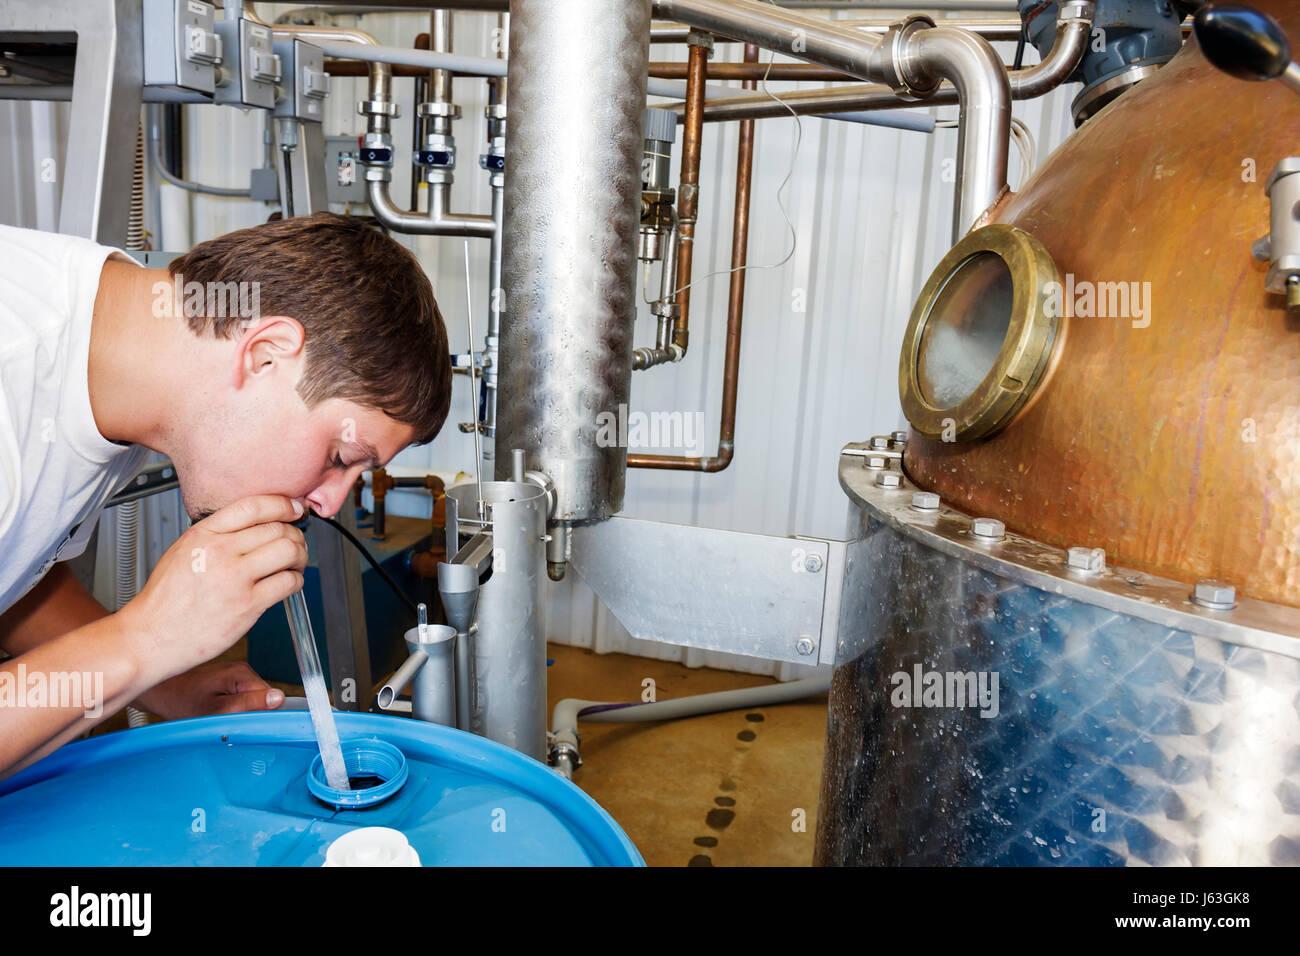 Michigan Baroda El round barn Bodega cervecería y destilería negocio familiar todavía cobre acero Imagen De Stock